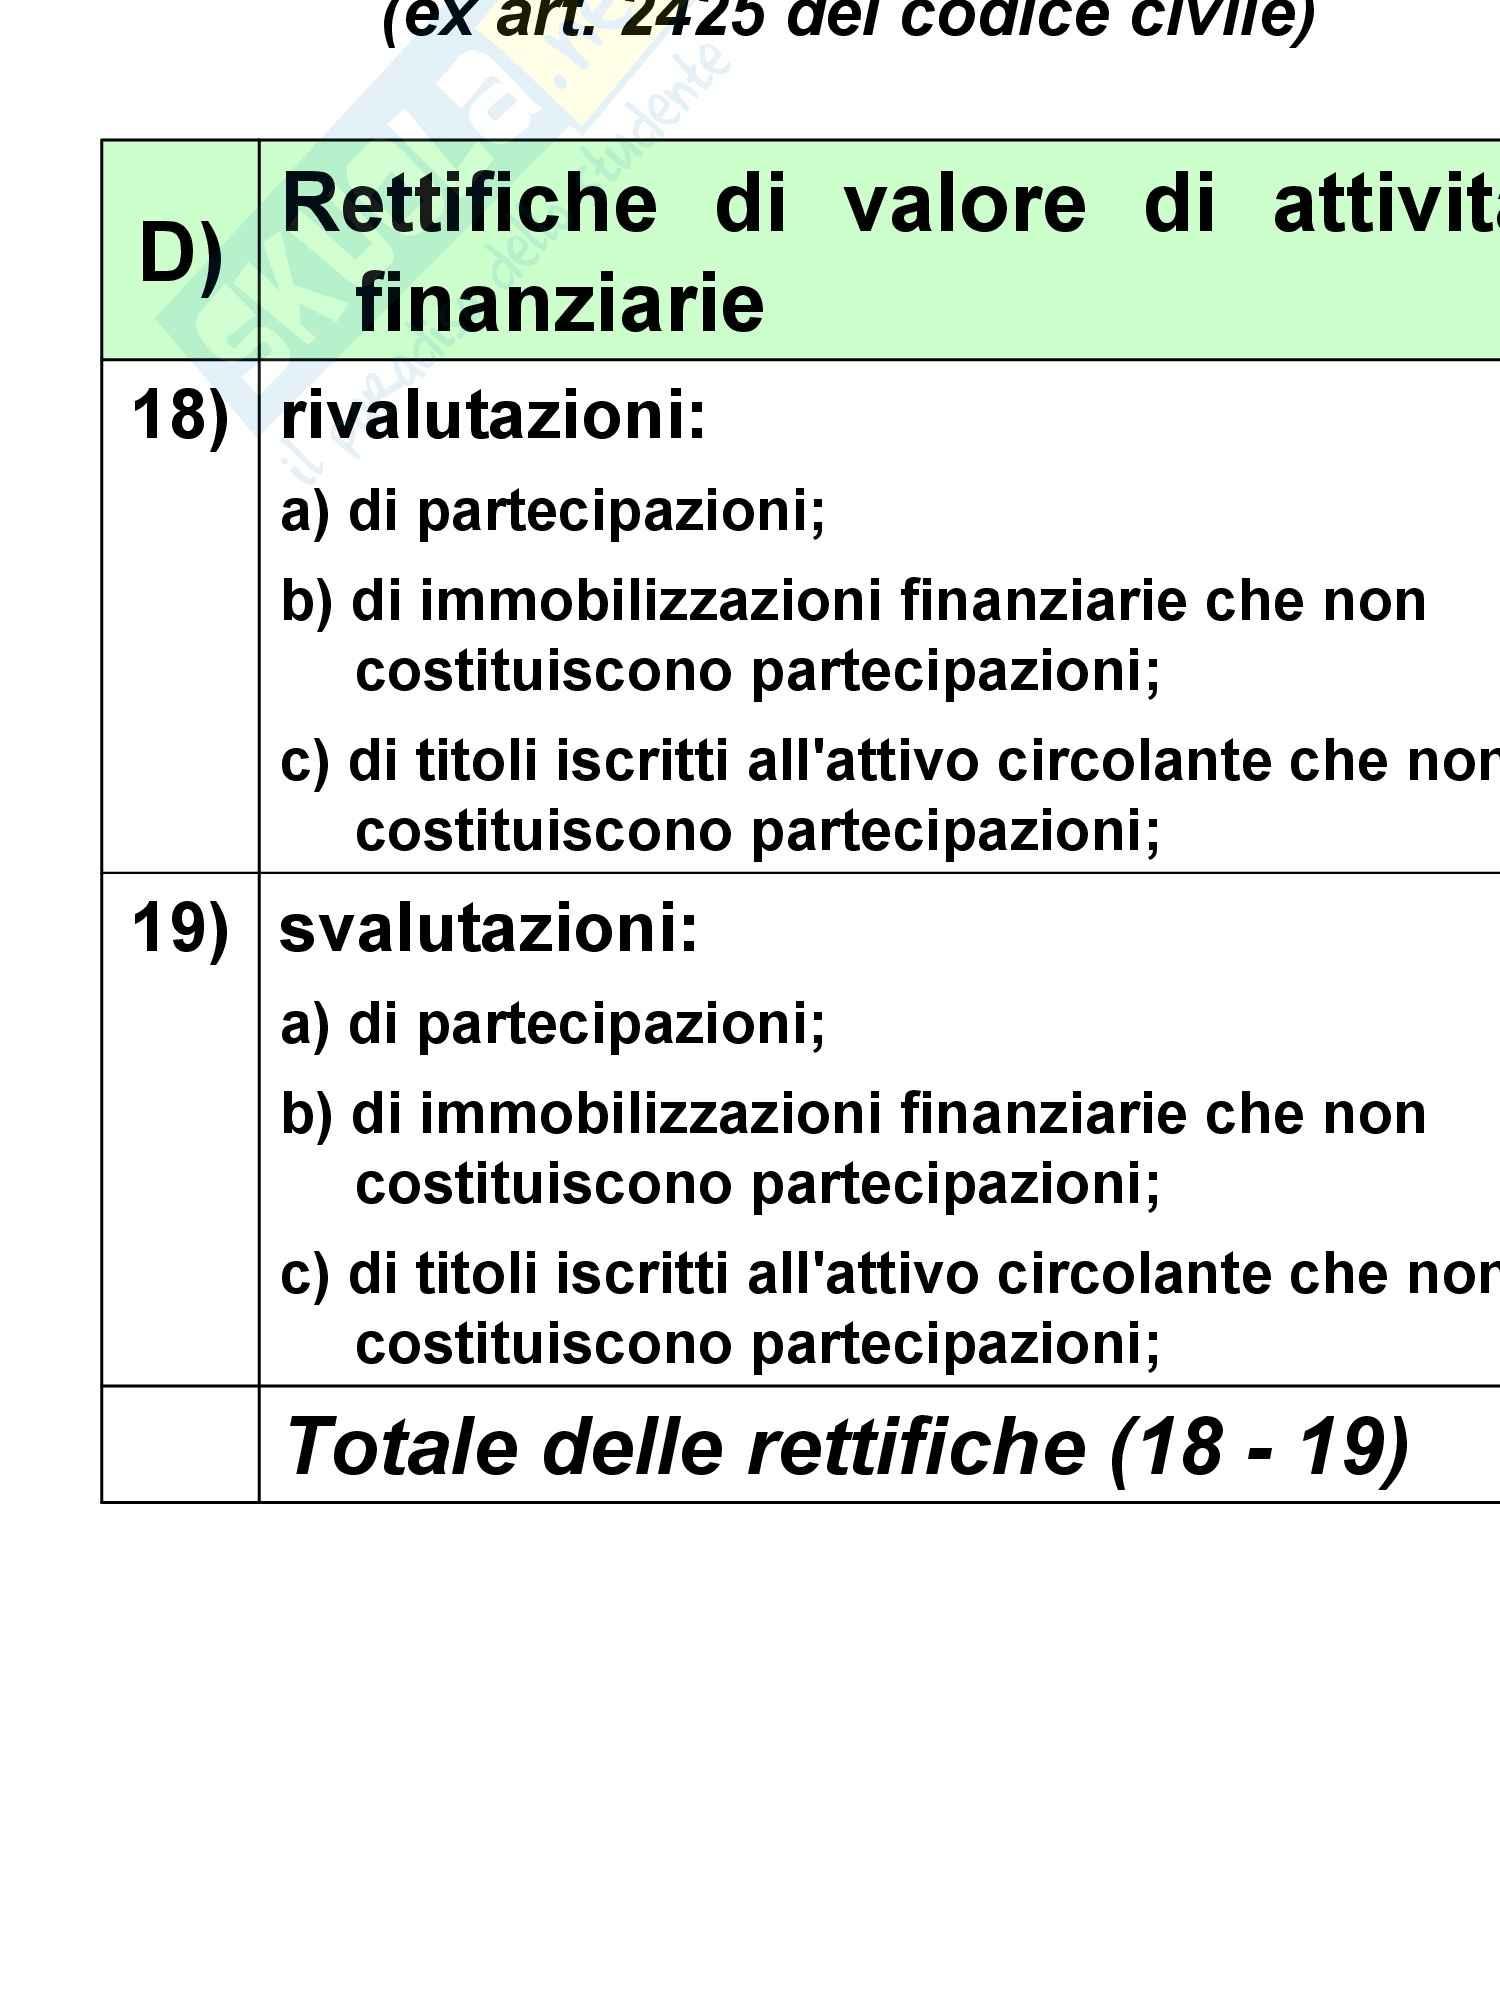 Economia aziendale - Bilancio di esercizio: iter di formazione e approvazione Pag. 121